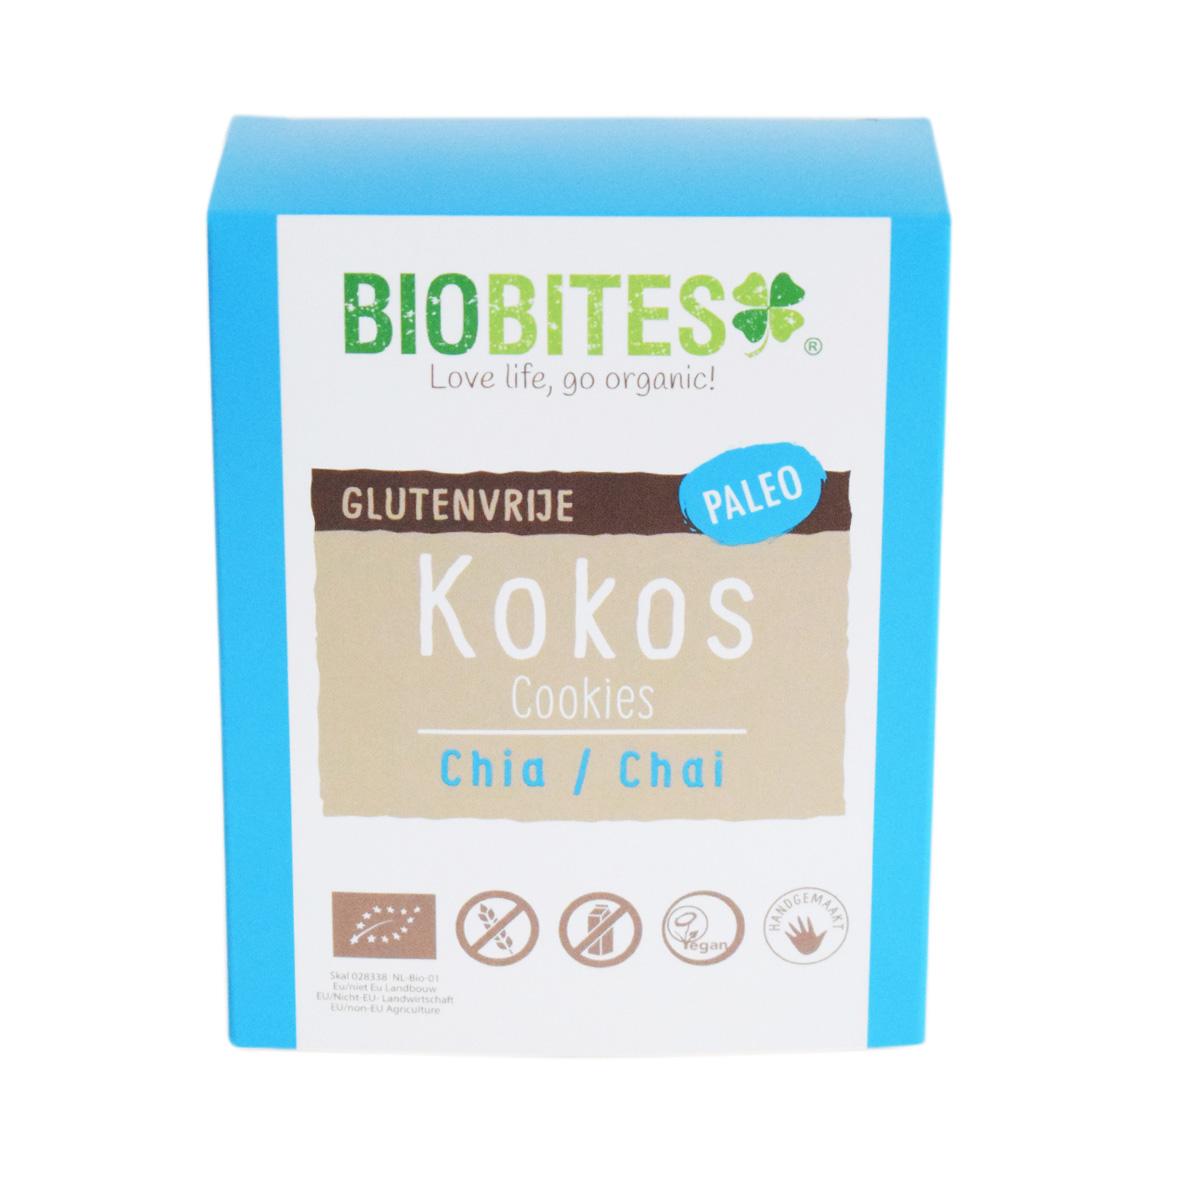 biobites-kokos-cookies-chia-chai